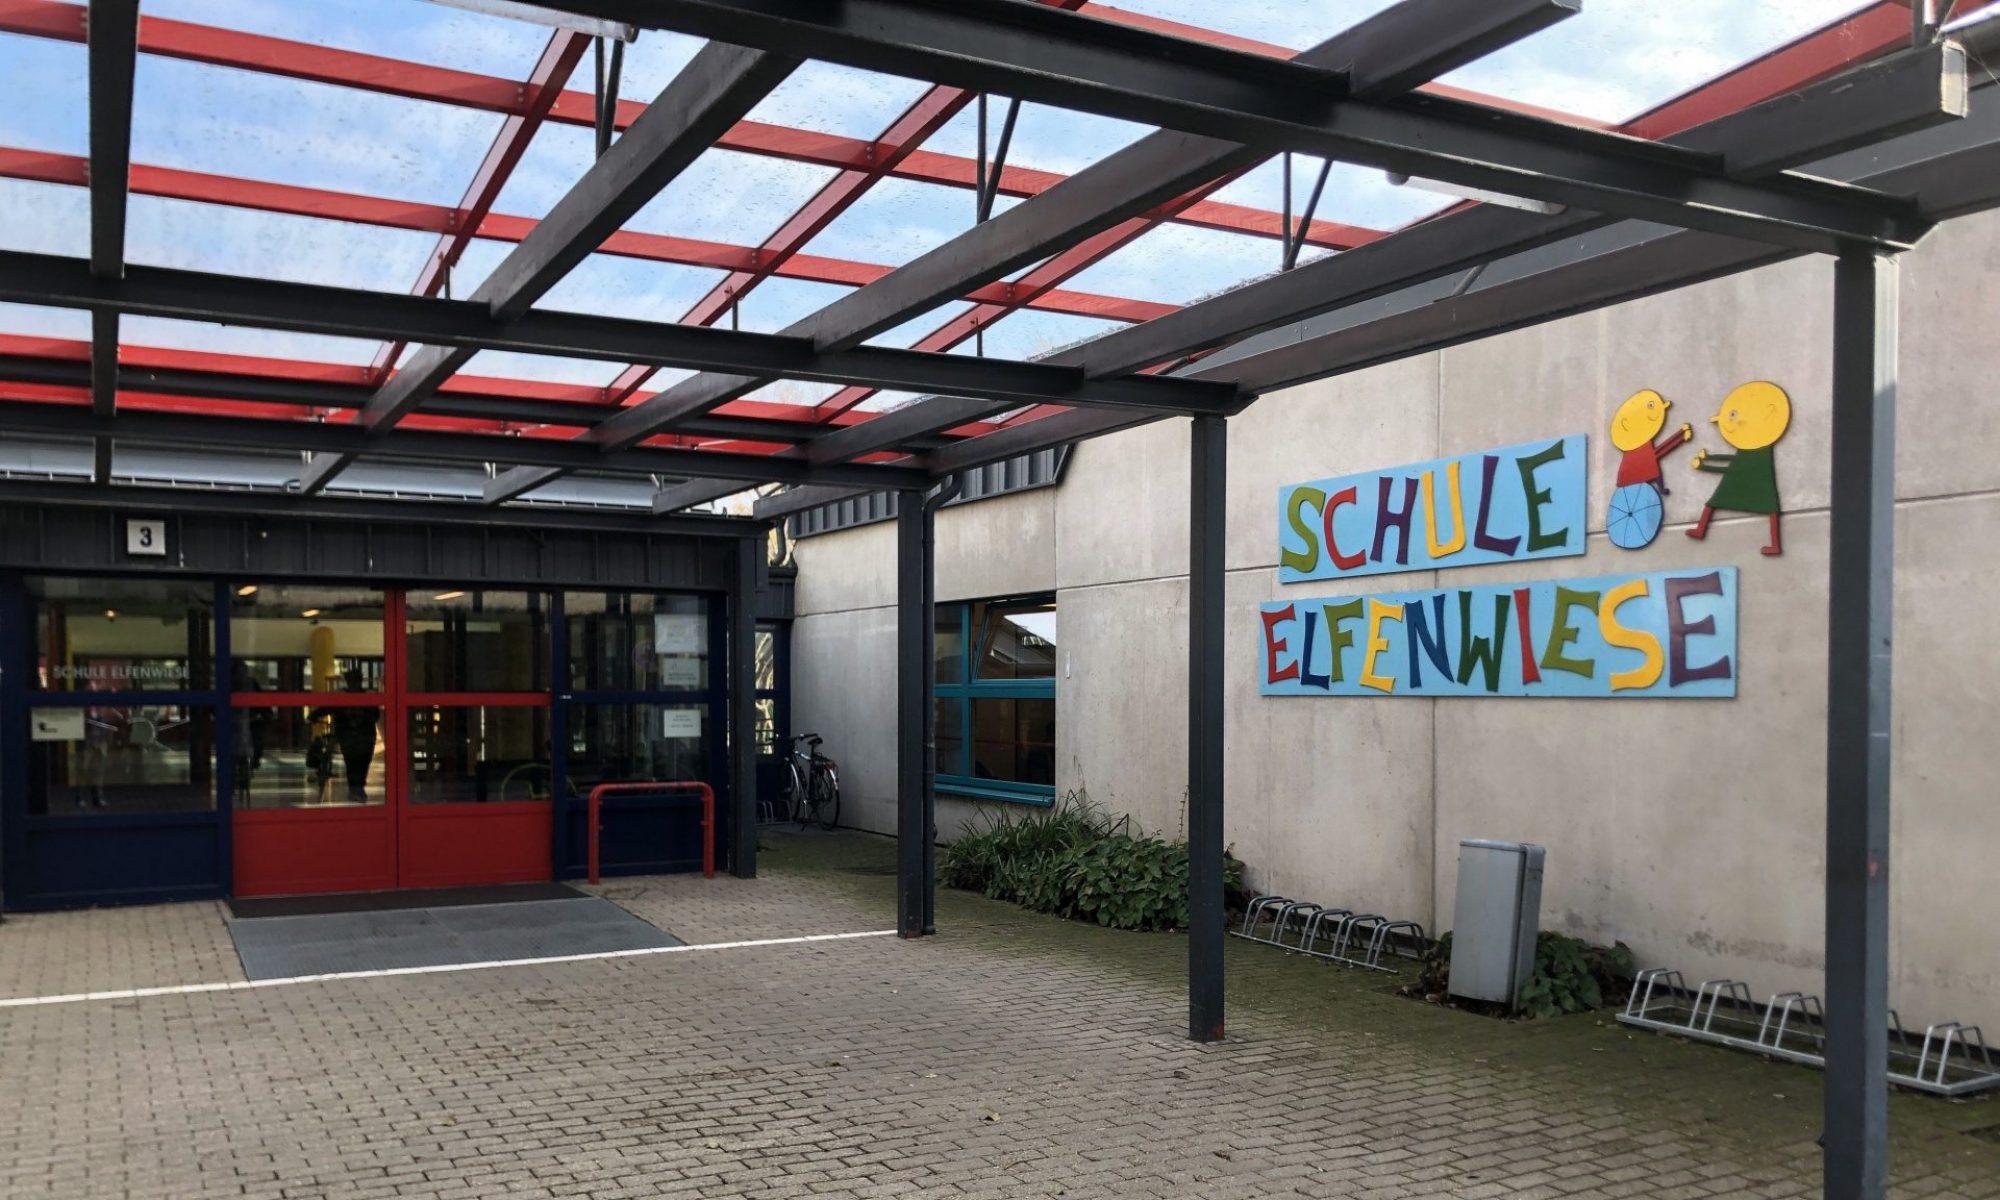 Schule ELFENWIESE